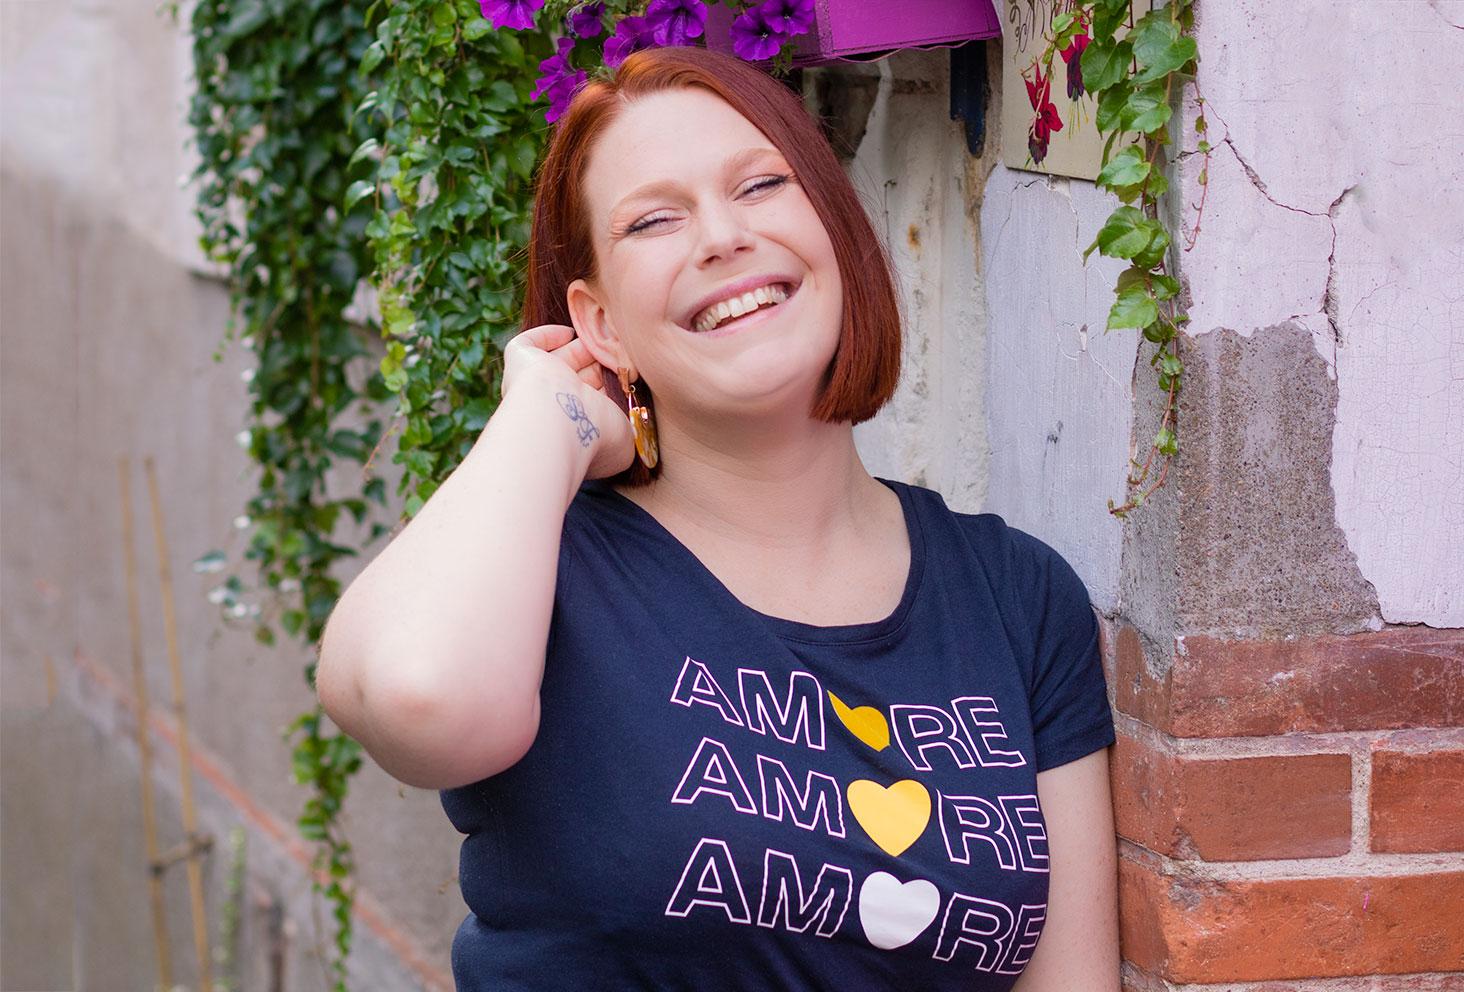 Le t-shirt bleu marine à motifs Amore de Naf-naf porté, avec le sourire et une main dans les cheveux, appuyée le long d'un mur près d'une jardinière fleurie violette